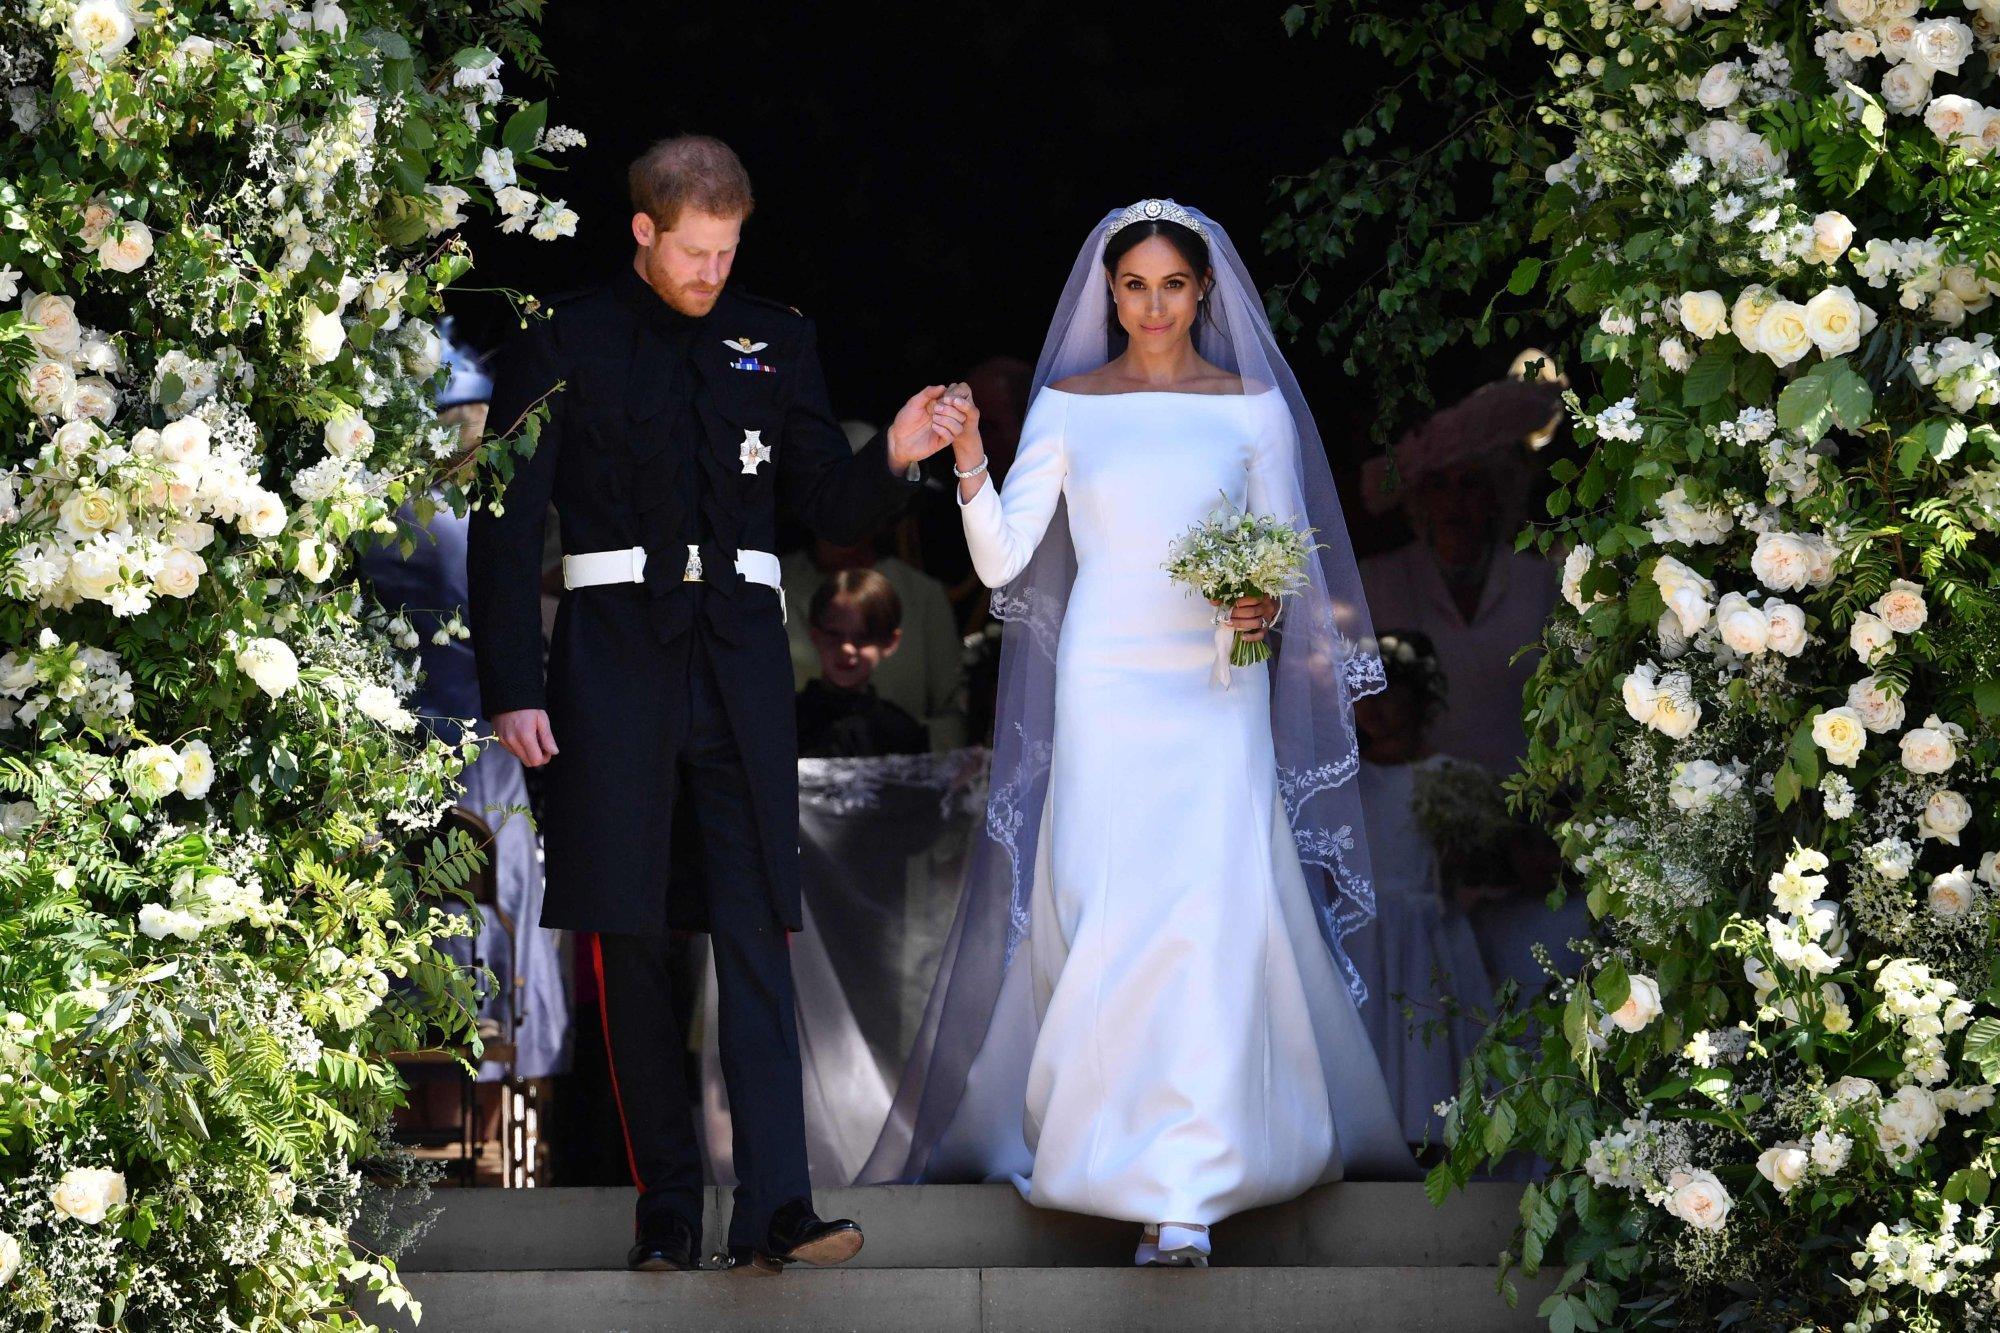 Meghan Markle được Hoàng tử Harry đỡ khi bước xuống bậc thang, nhưng sự thật là cô ấy không được phép cúi xuống. Ảnh: AFP